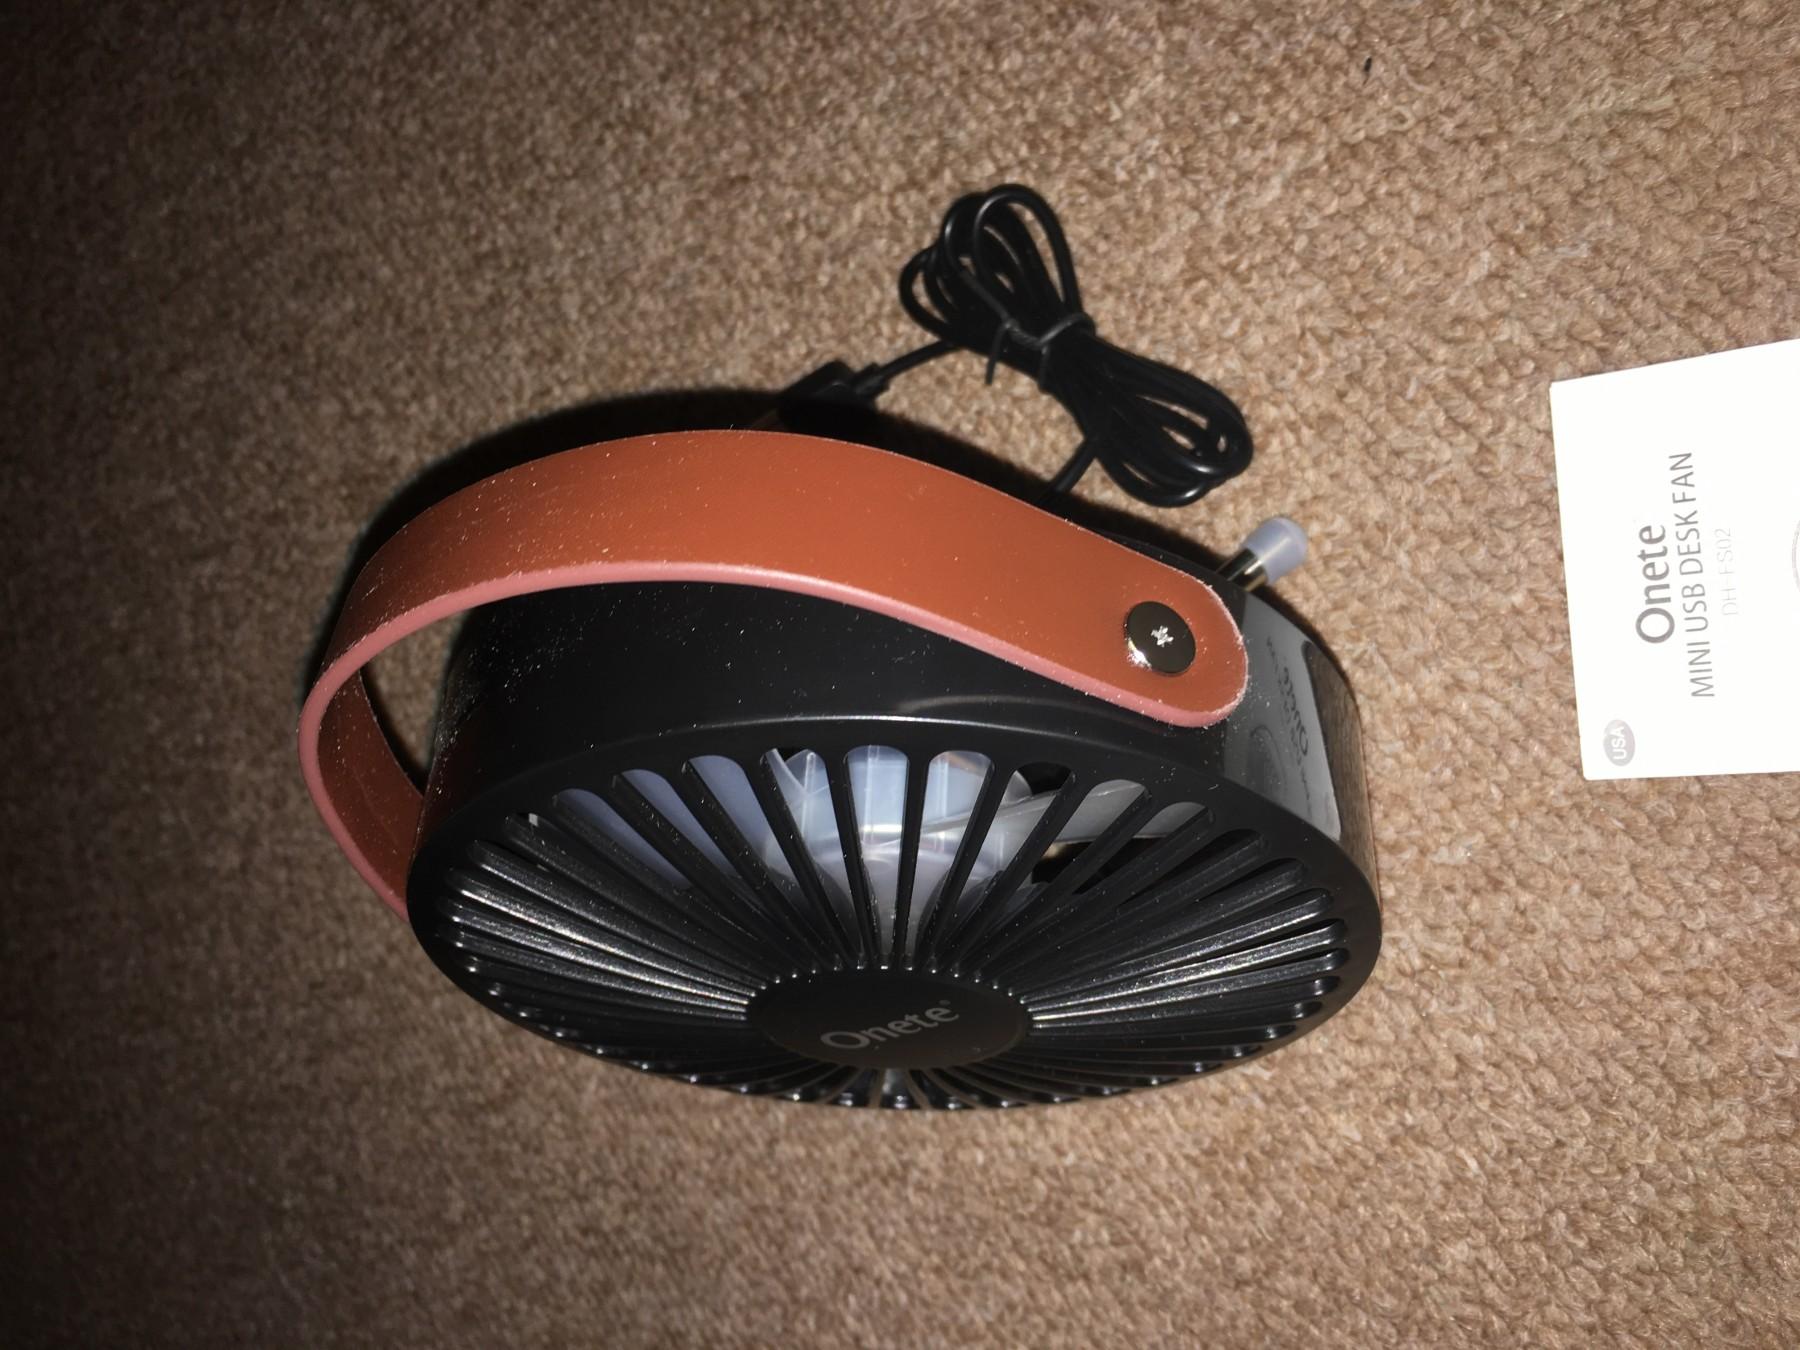 Verry portable mini fan